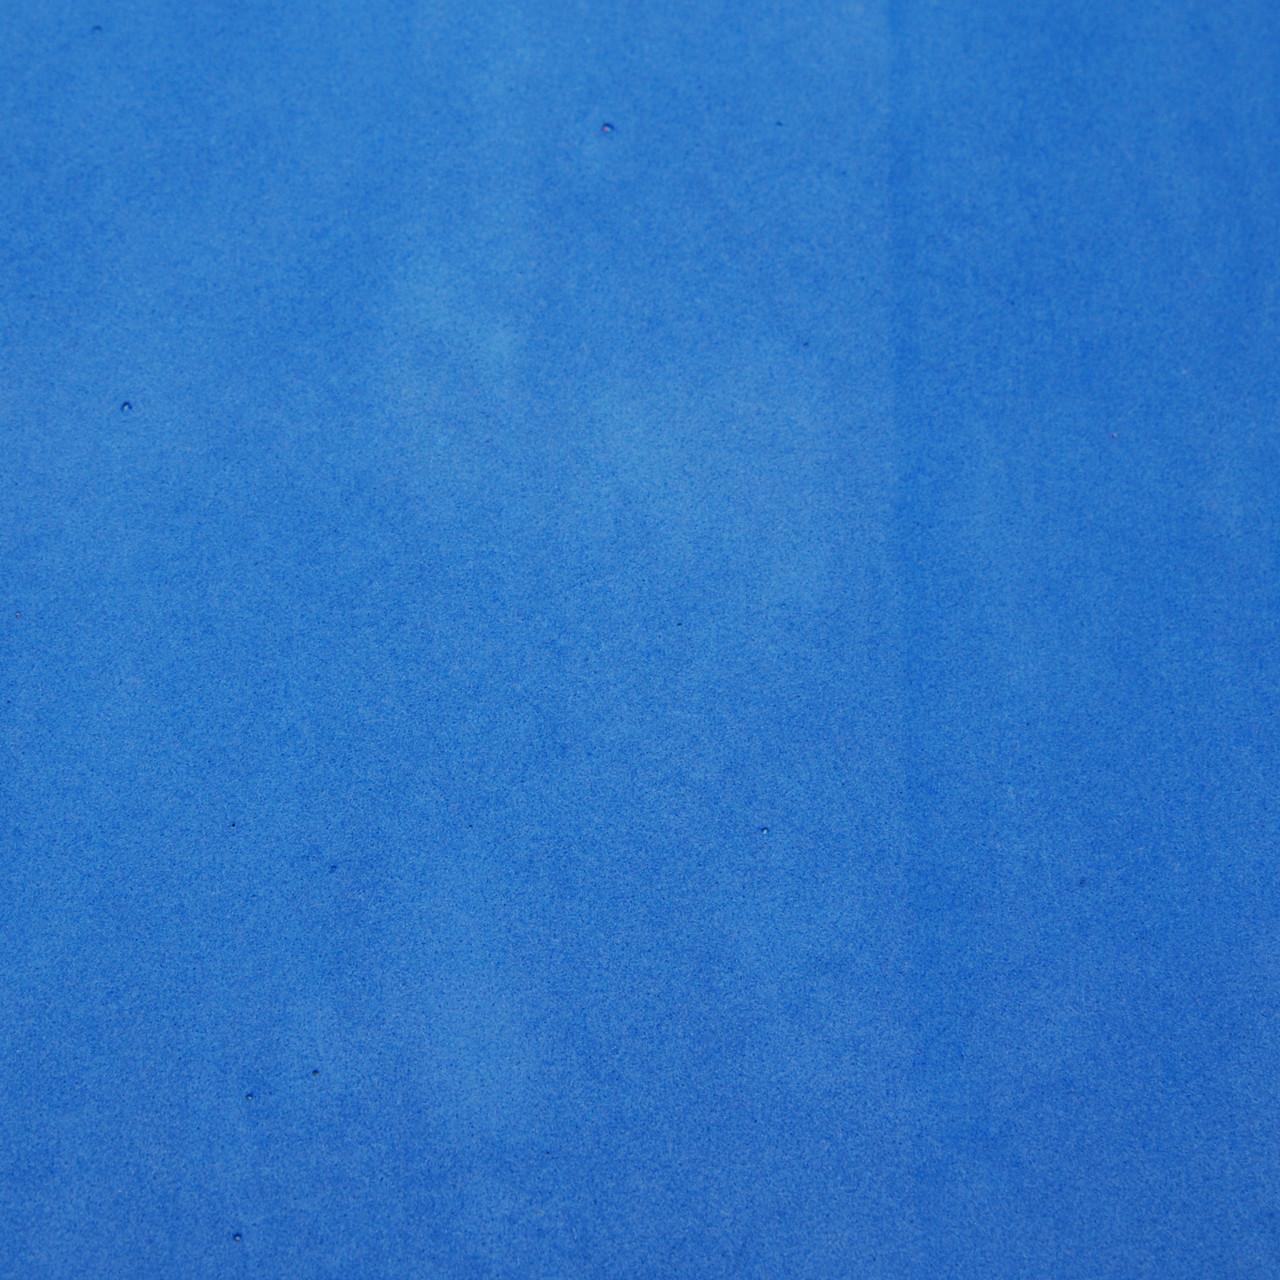 Фоамиран 2 мм, 50x50 см, Китай, СИНИЙ